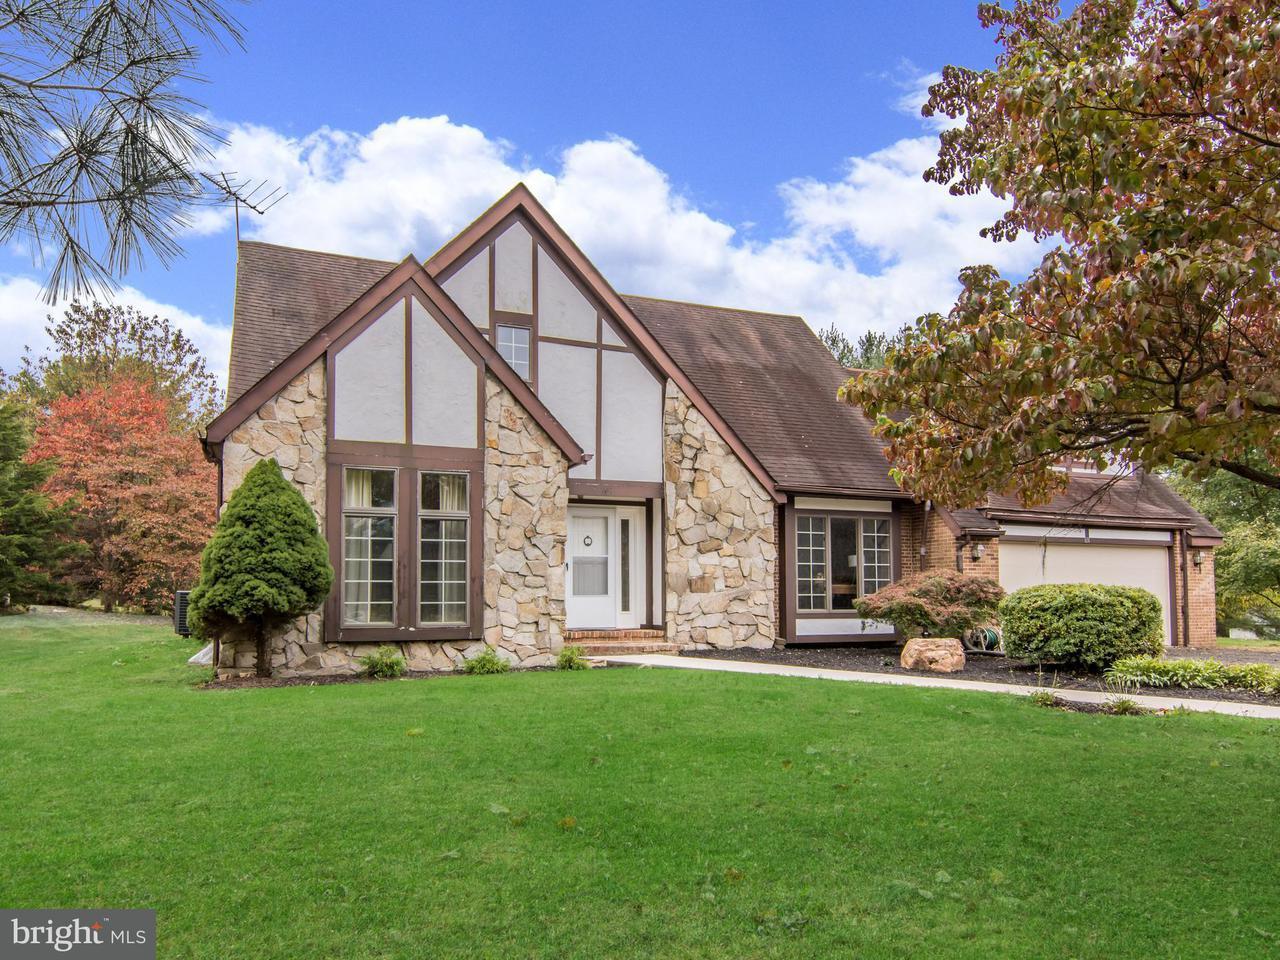 Maison unifamiliale pour l Vente à 651 Priestford Road 651 Priestford Road Churchville, Maryland 21028 États-Unis